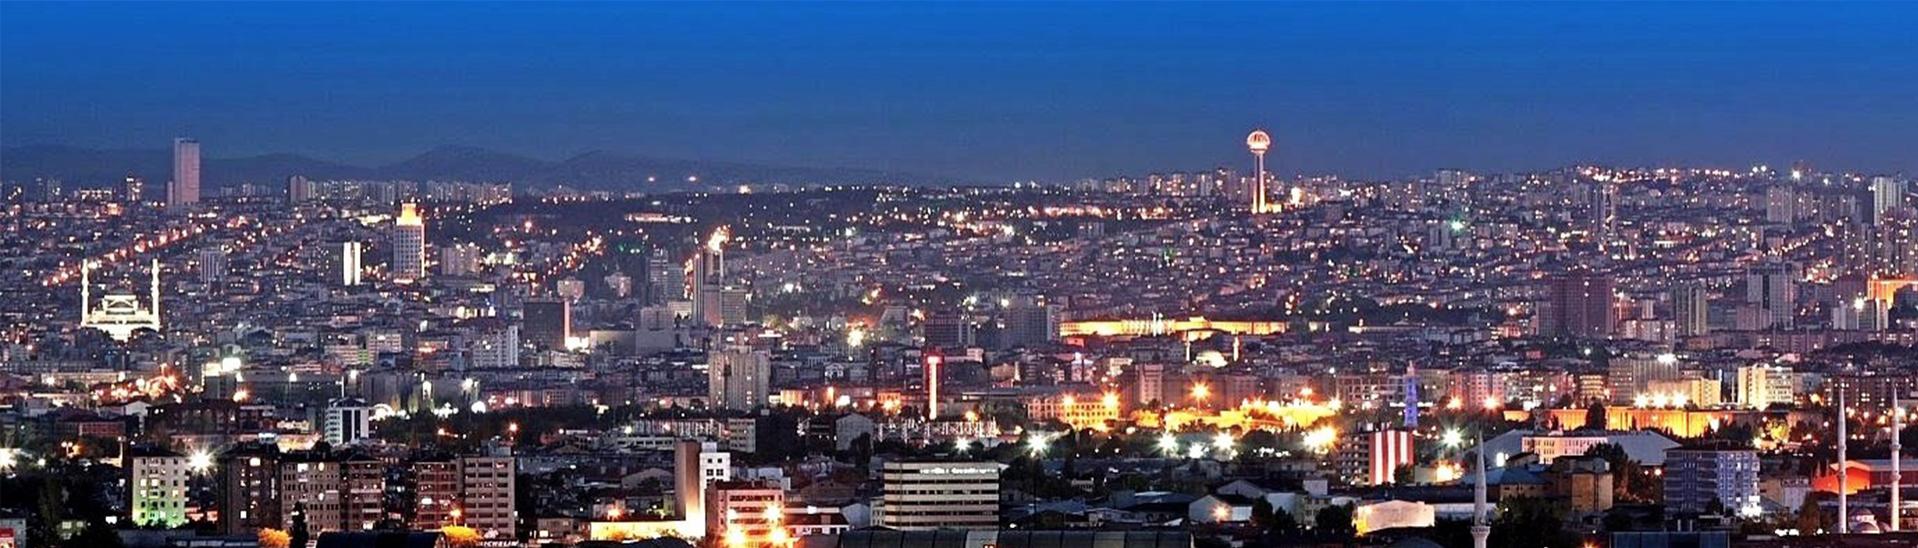 EIF Turkey 2018